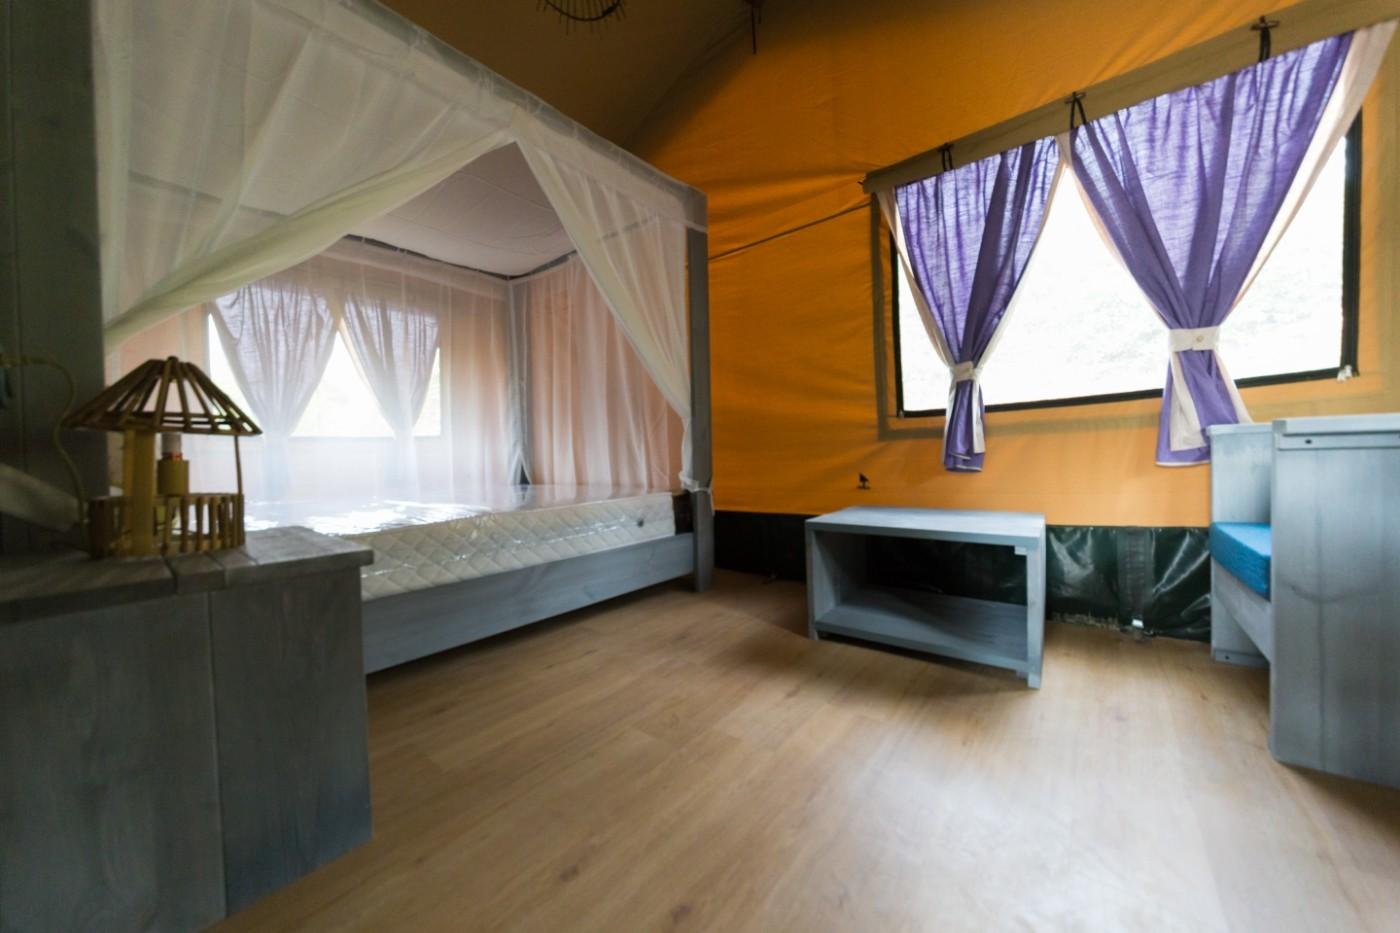 喜马拉雅野奢帐篷酒店—广州北迹露营平地帐篷酒店23